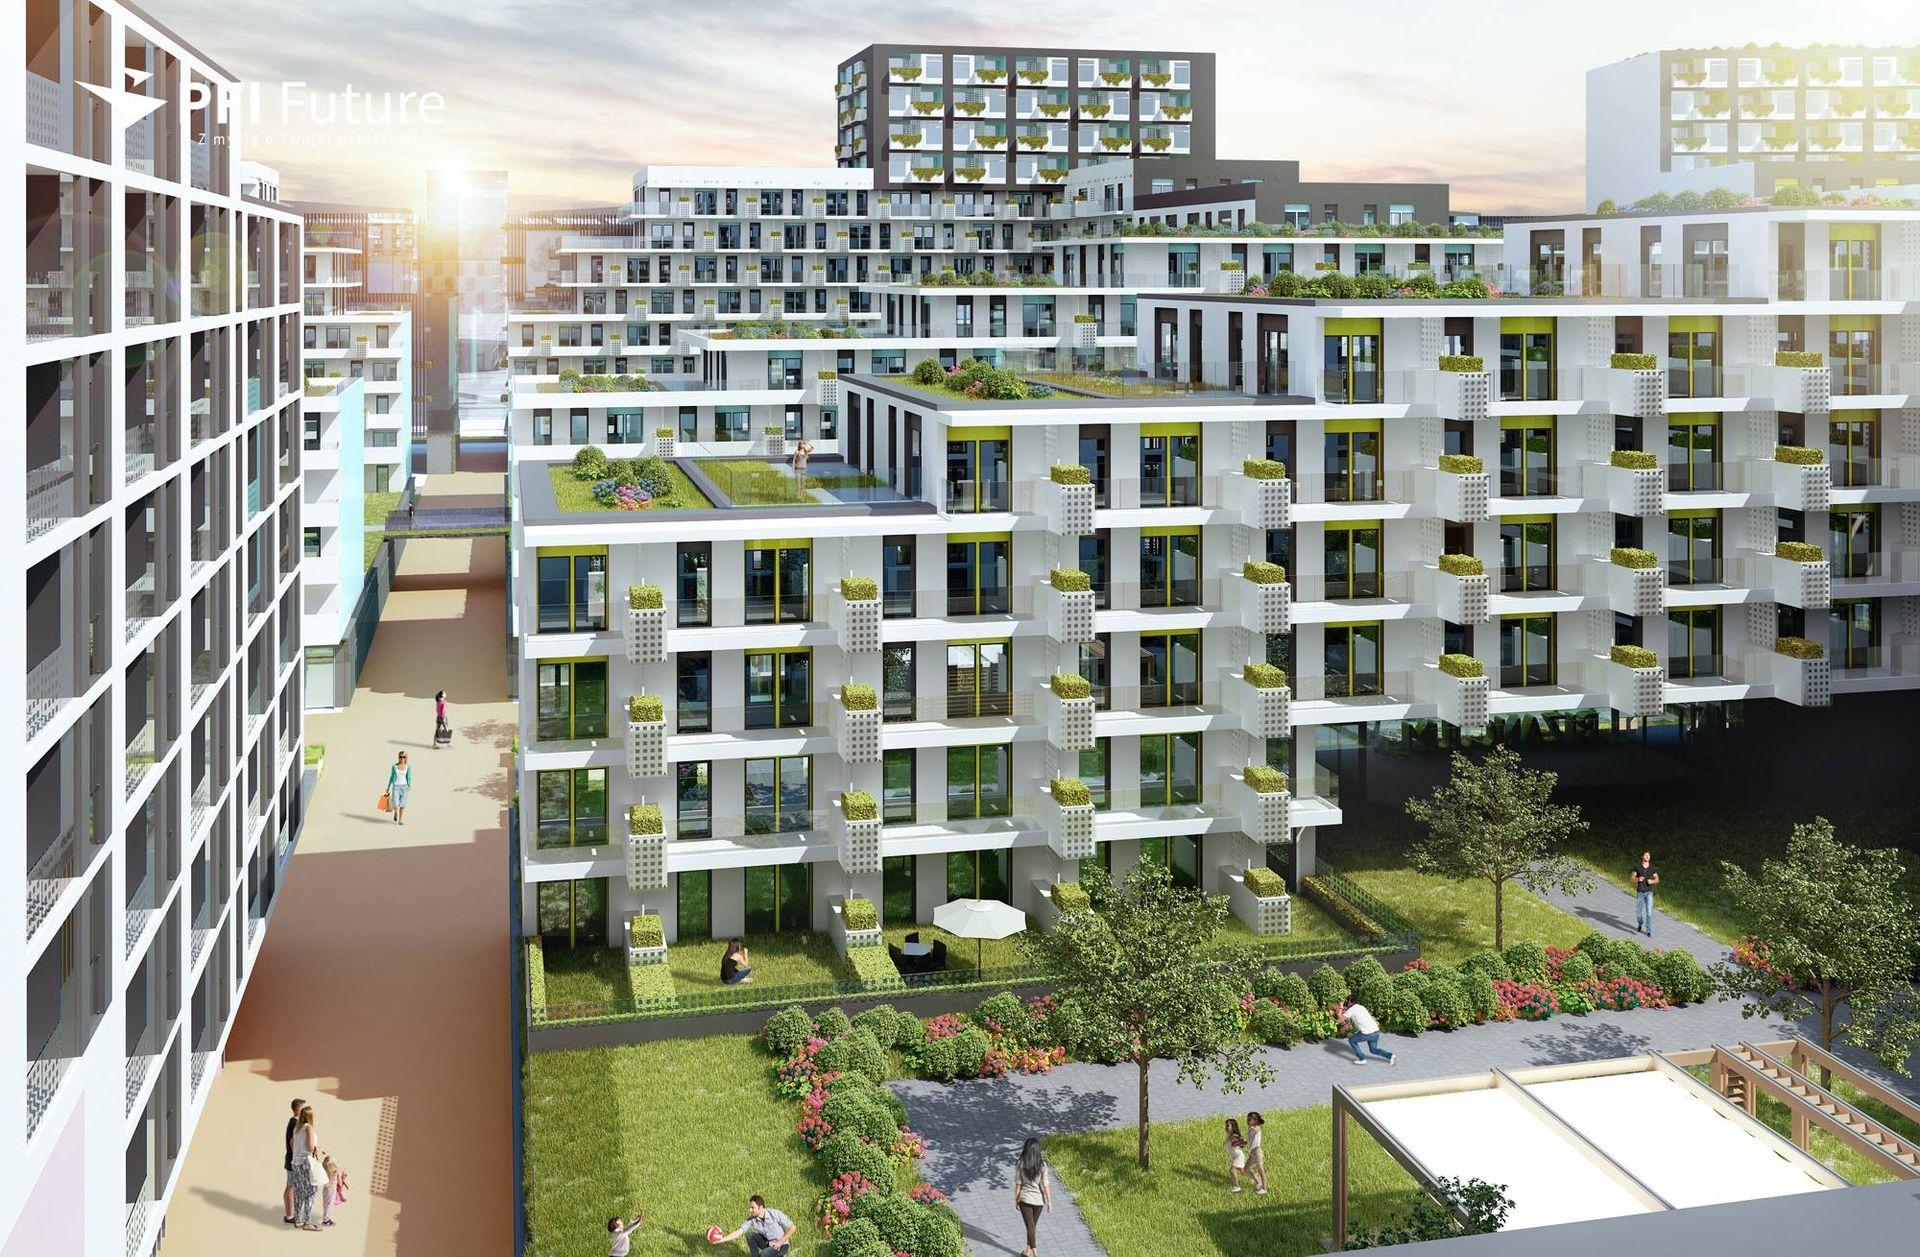 Wrocław: ErGo City – co powstanie na Gądowie Małym? Mogą biura i hotele, ale nie mieszkania